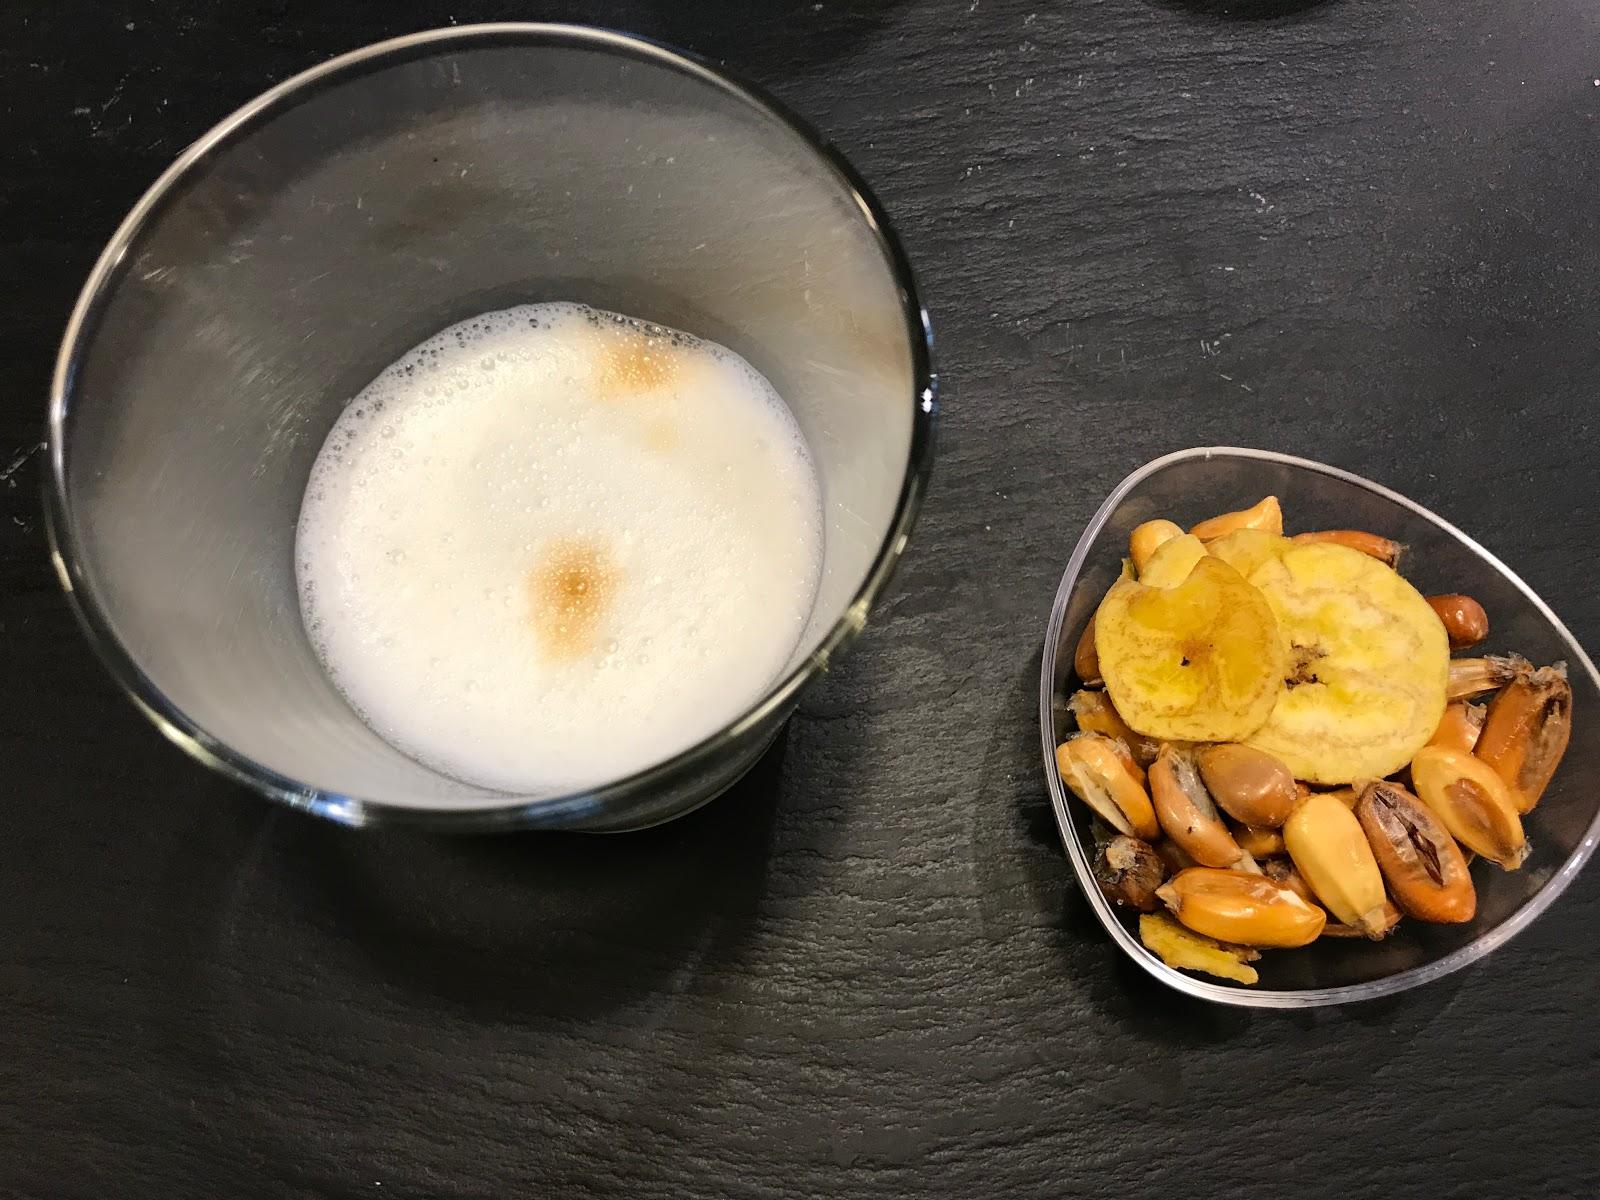 Dal 23 al 29 luglio 2018, Eataly Roma organizza la Settimana della Cucina Peruviana alessandra ruggeri